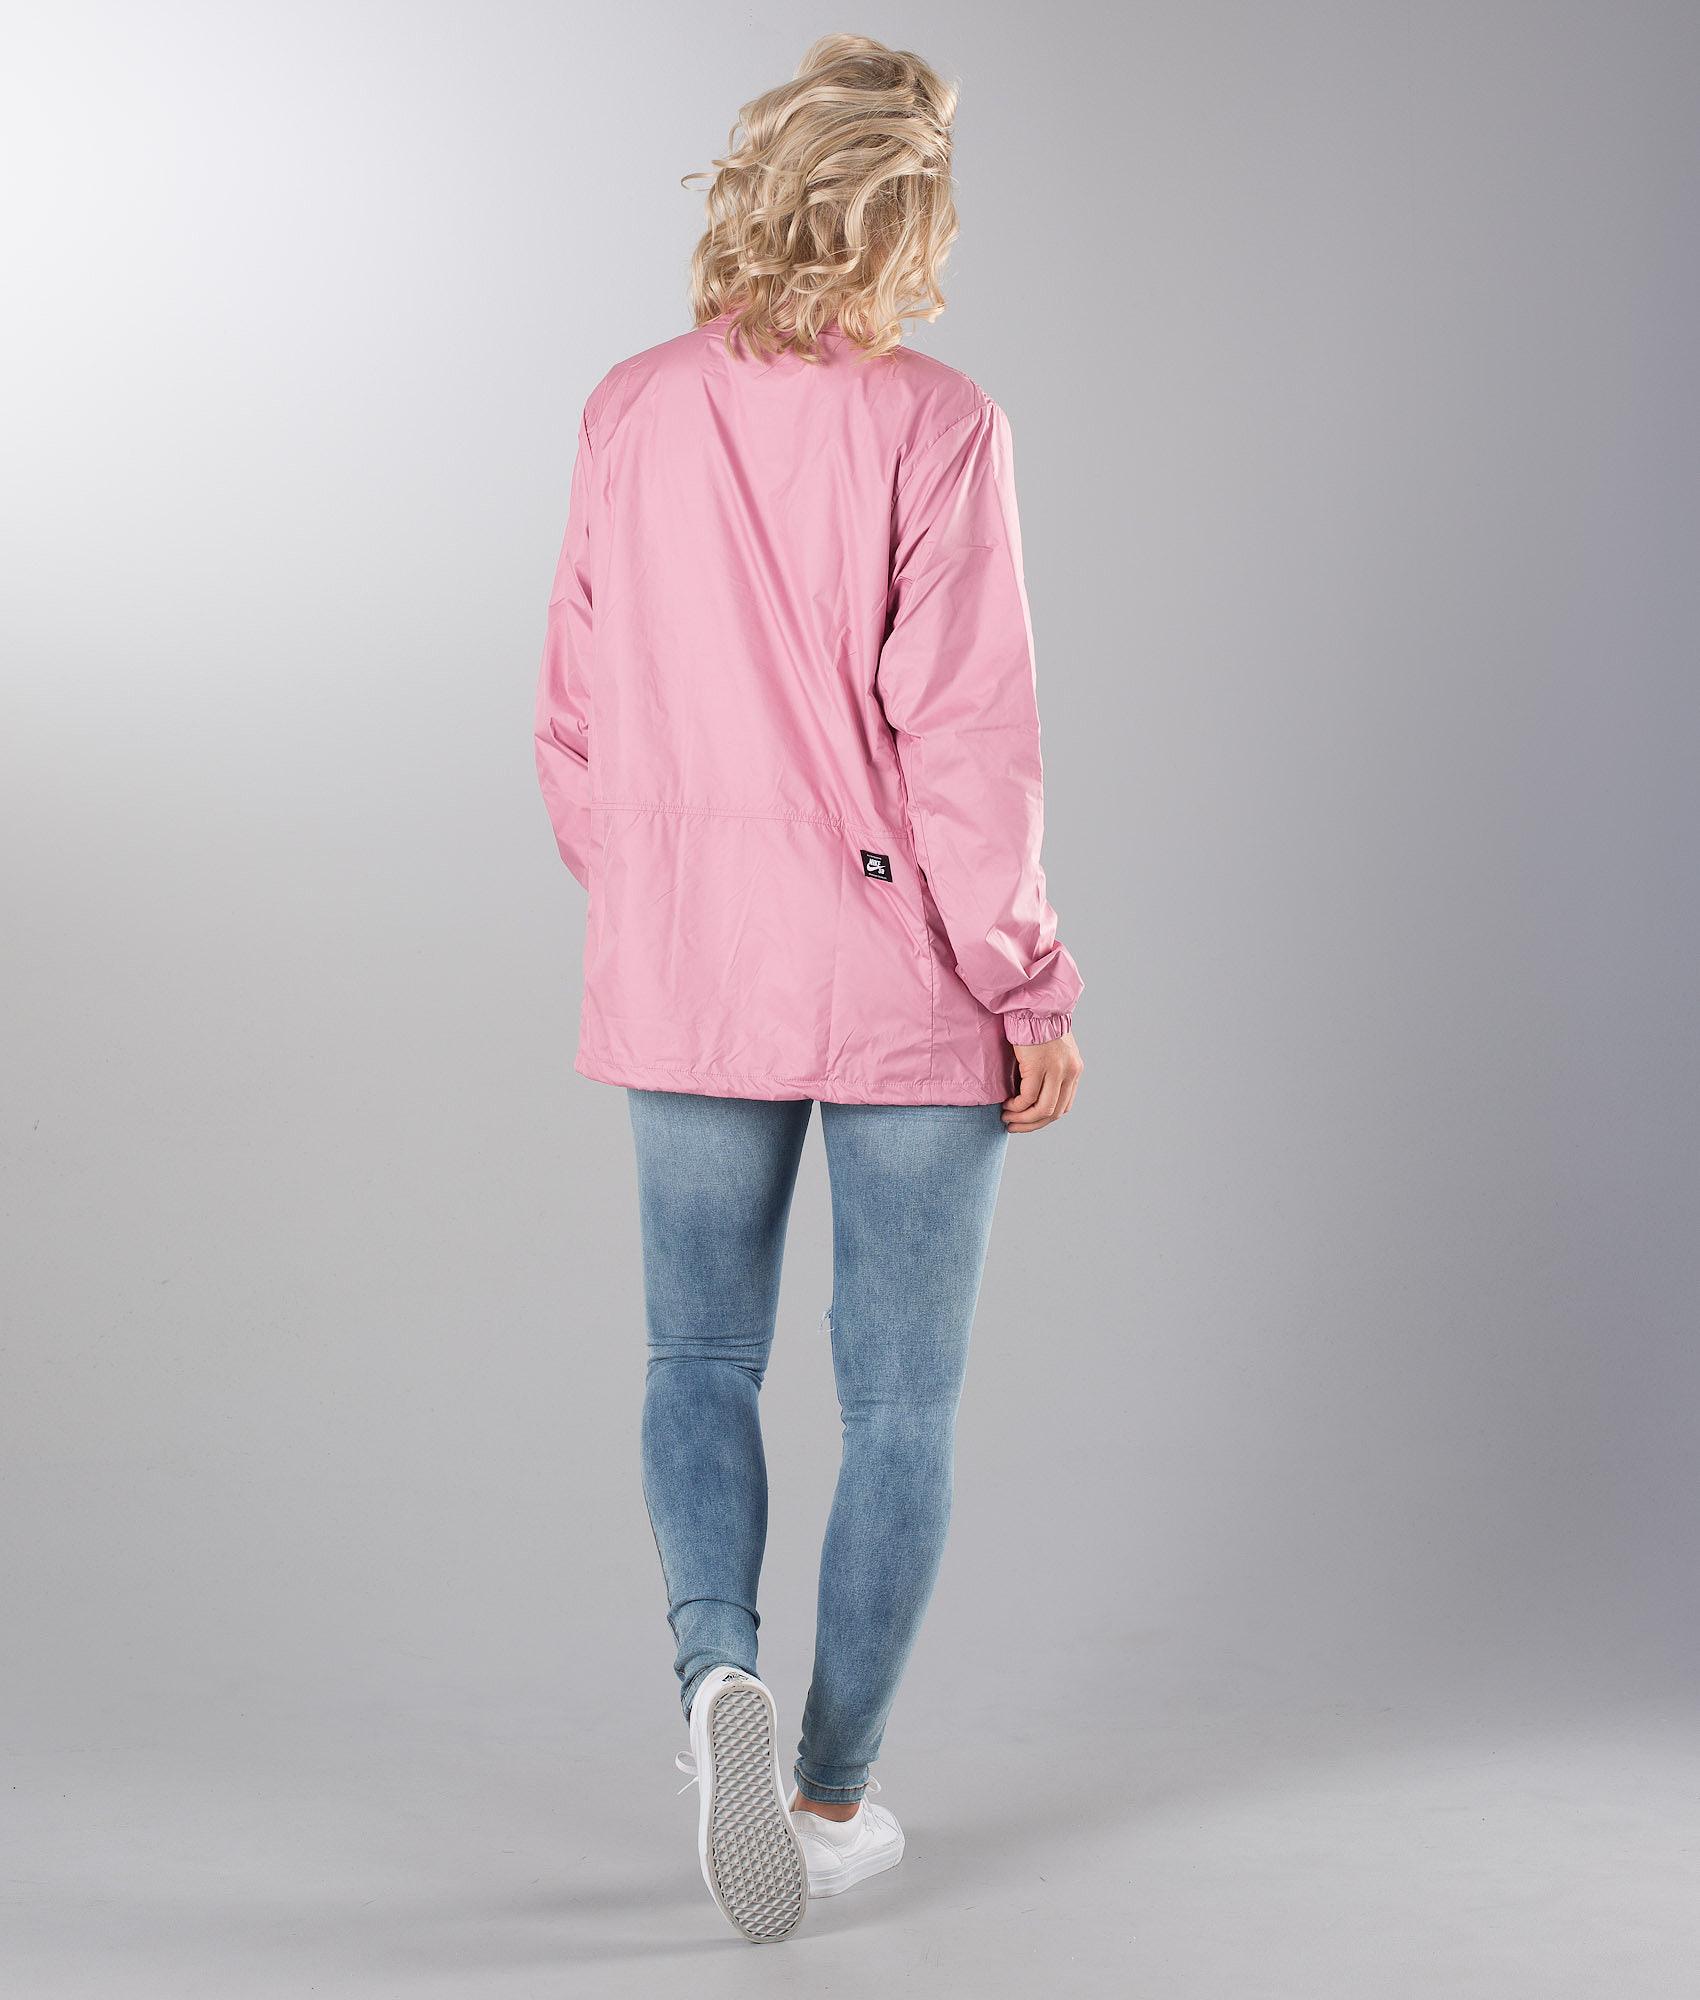 Nike M Nk Sb Shld Jkt Coaches Unisex Jacket Elemental Pink White ... 73b2f6f4c